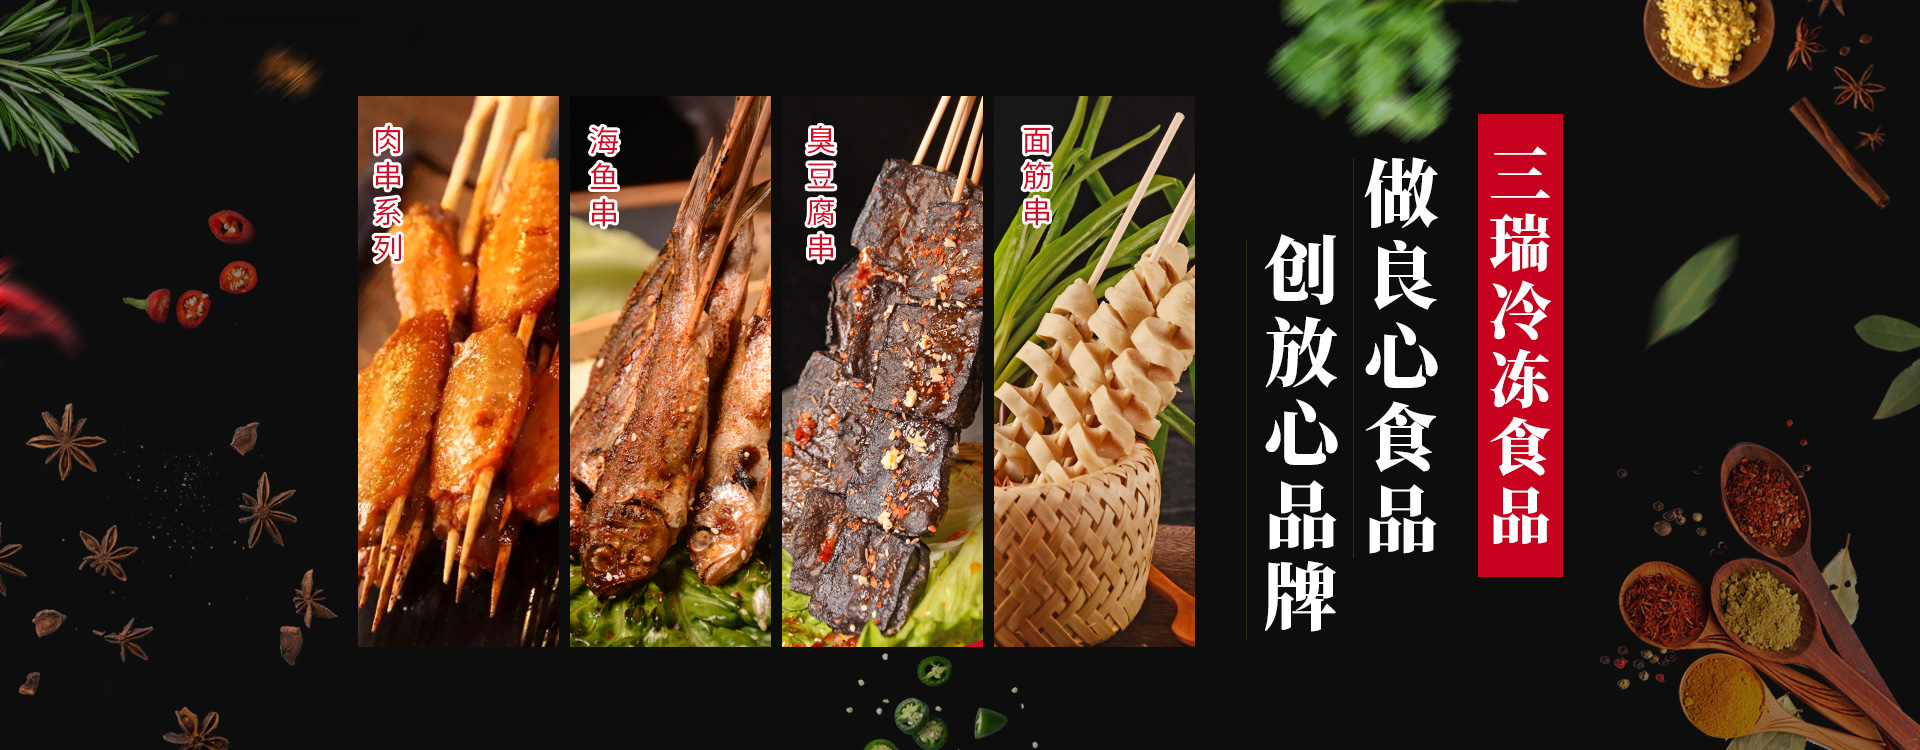 臭豆腐串厂家